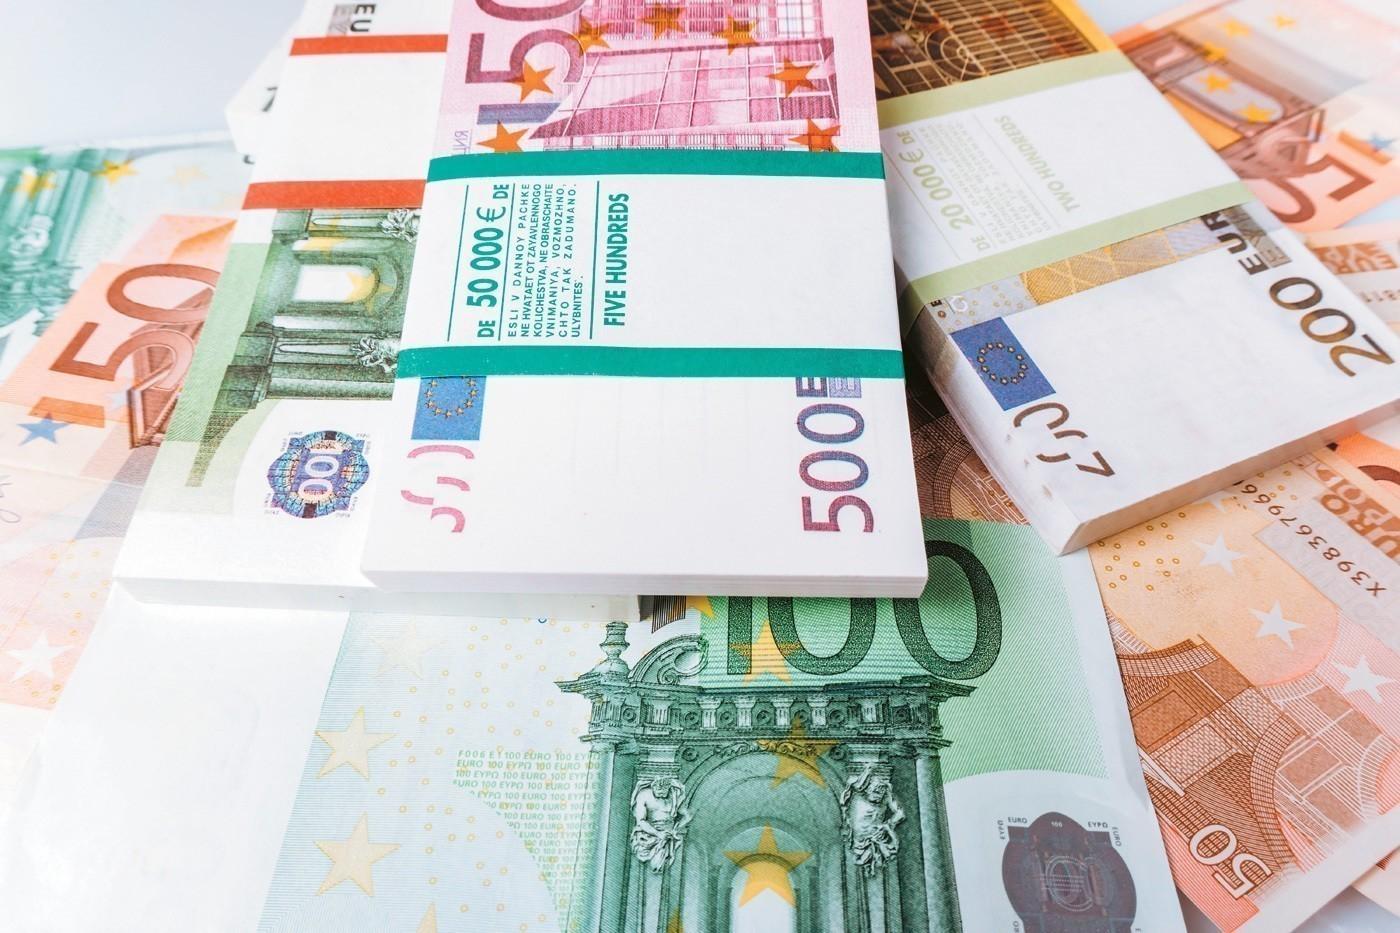 Ποιοι και πώς θα μοιραστούν προνομιακά δάνεια ύψους 20 δισ. ευρώ